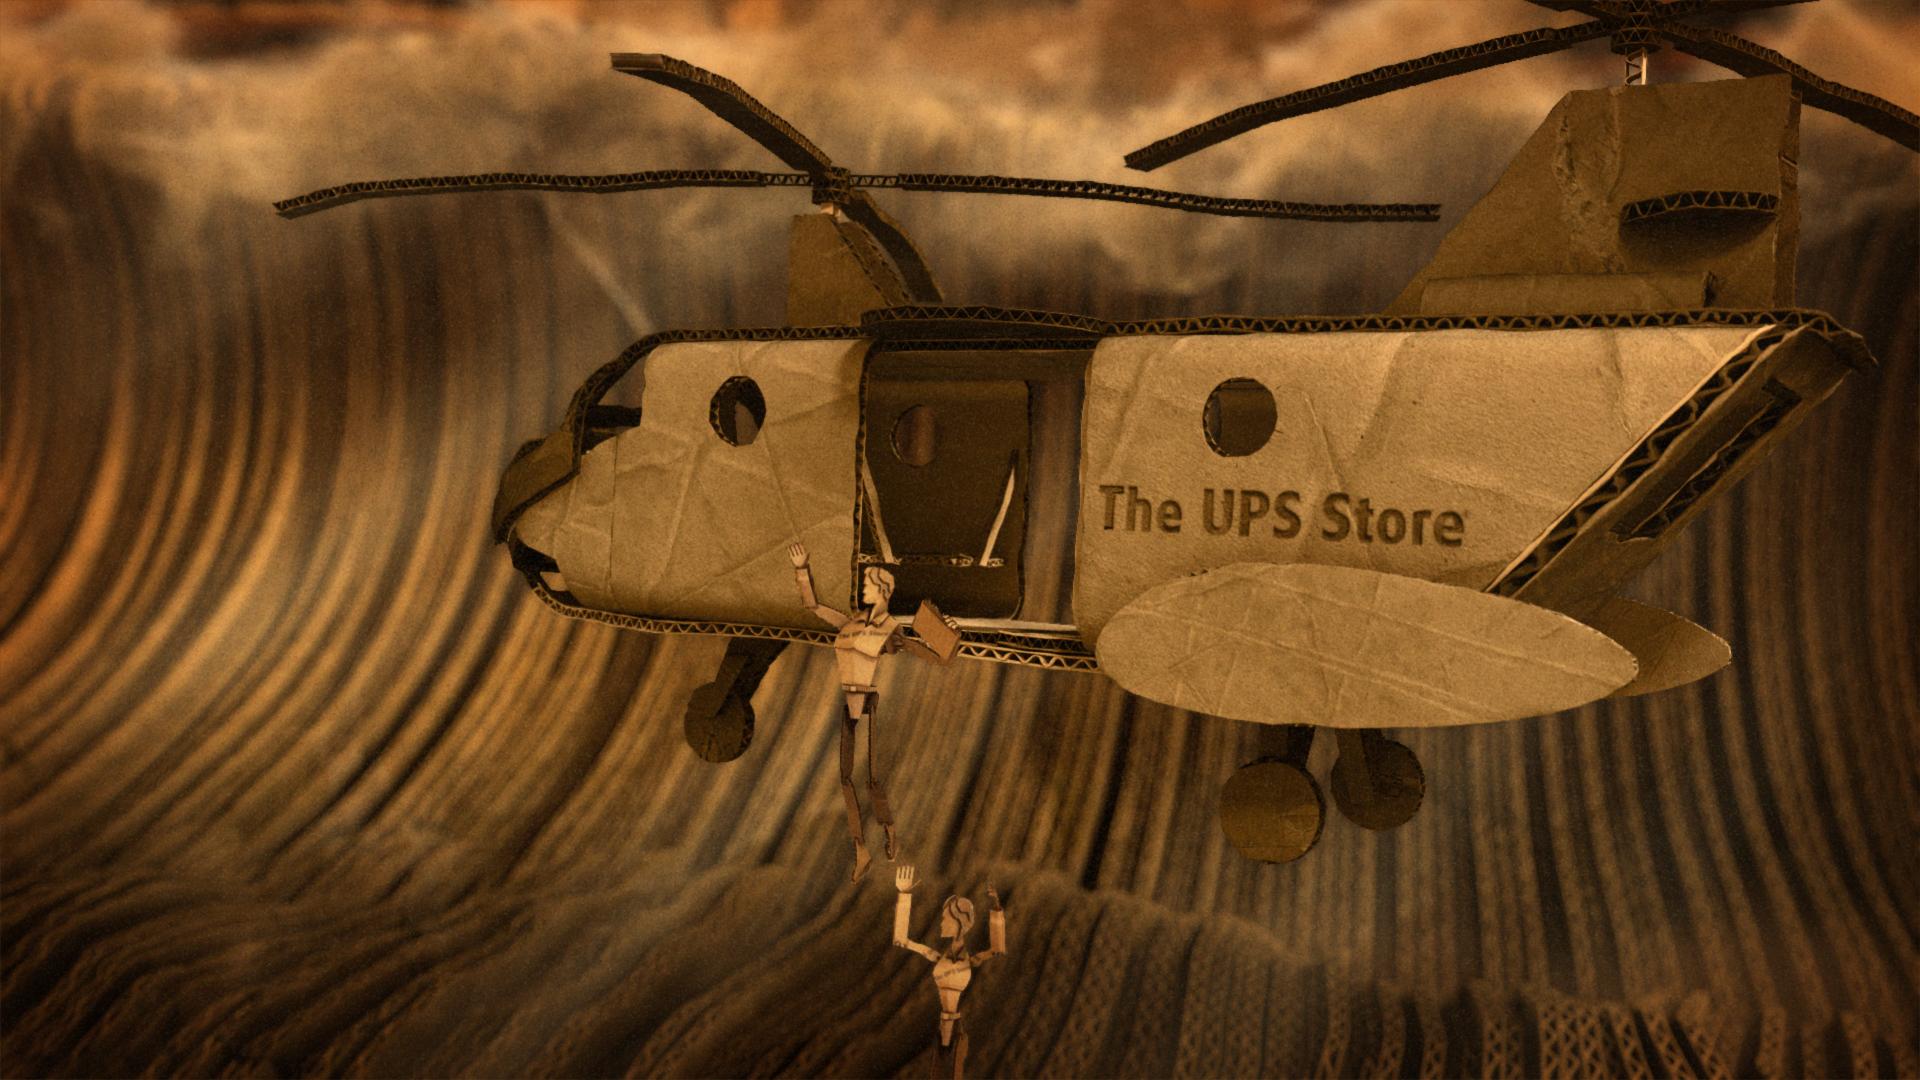 UPS Store: